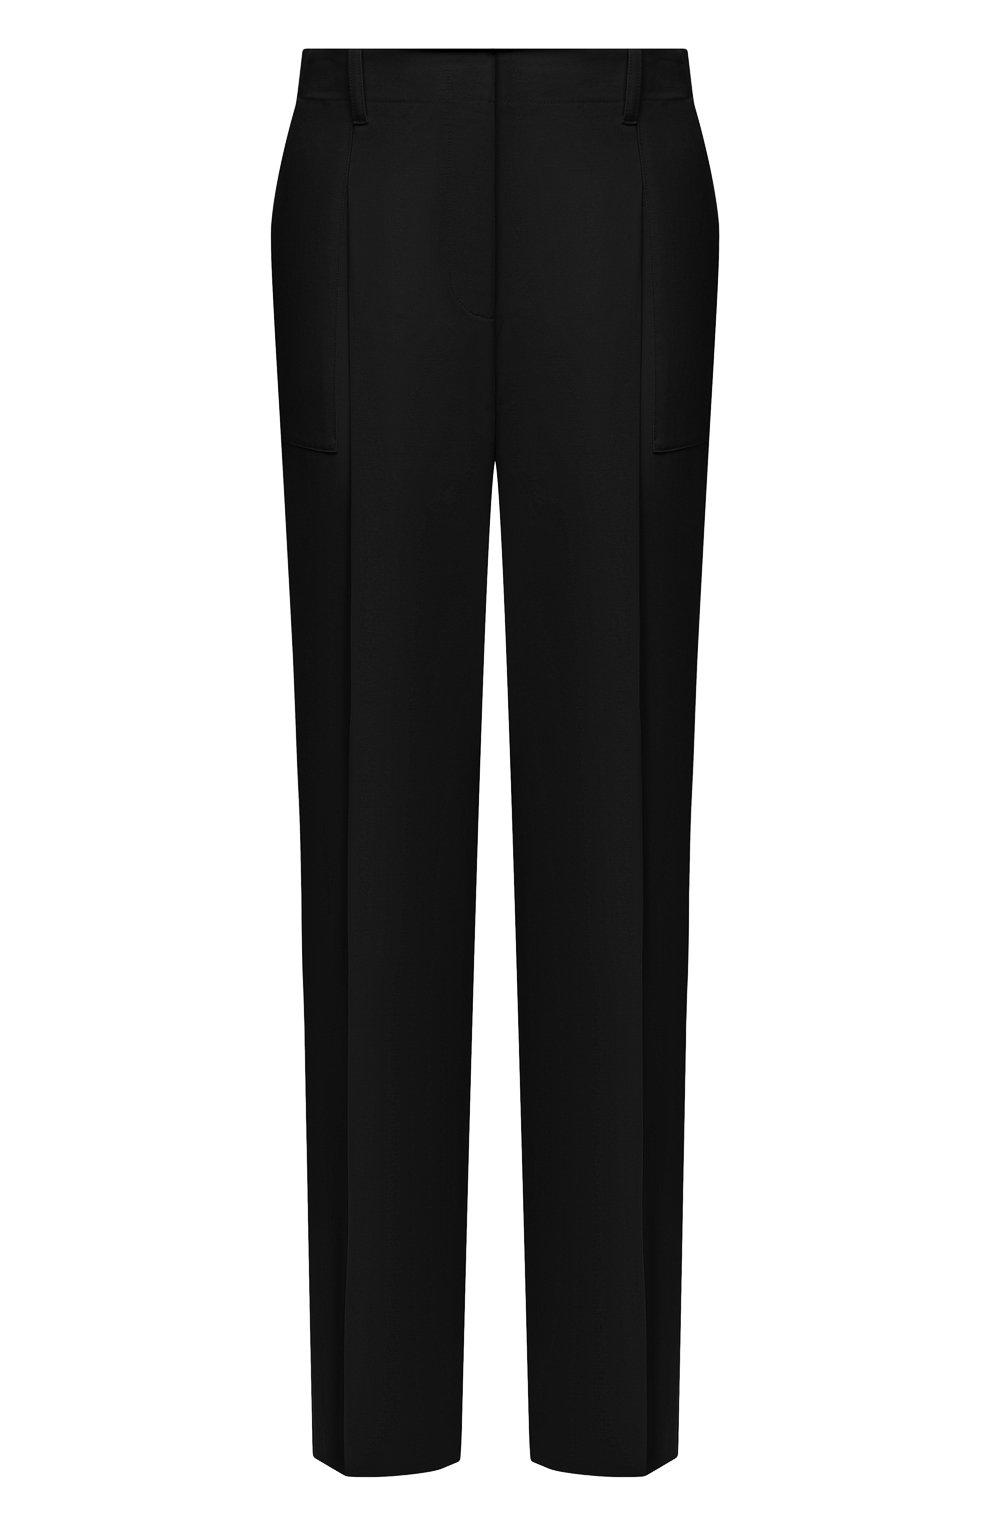 Женские шерстяные брюки STELLA MCCARTNEY черного цвета, арт. 602439/SPA28 | Фото 1 (Длина (брюки, джинсы): Удлиненные; Материал внешний: Шерсть; Женское Кросс-КТ: Брюки-одежда; Силуэт Ж (брюки и джинсы): Прямые; Стили: Кэжуэл)